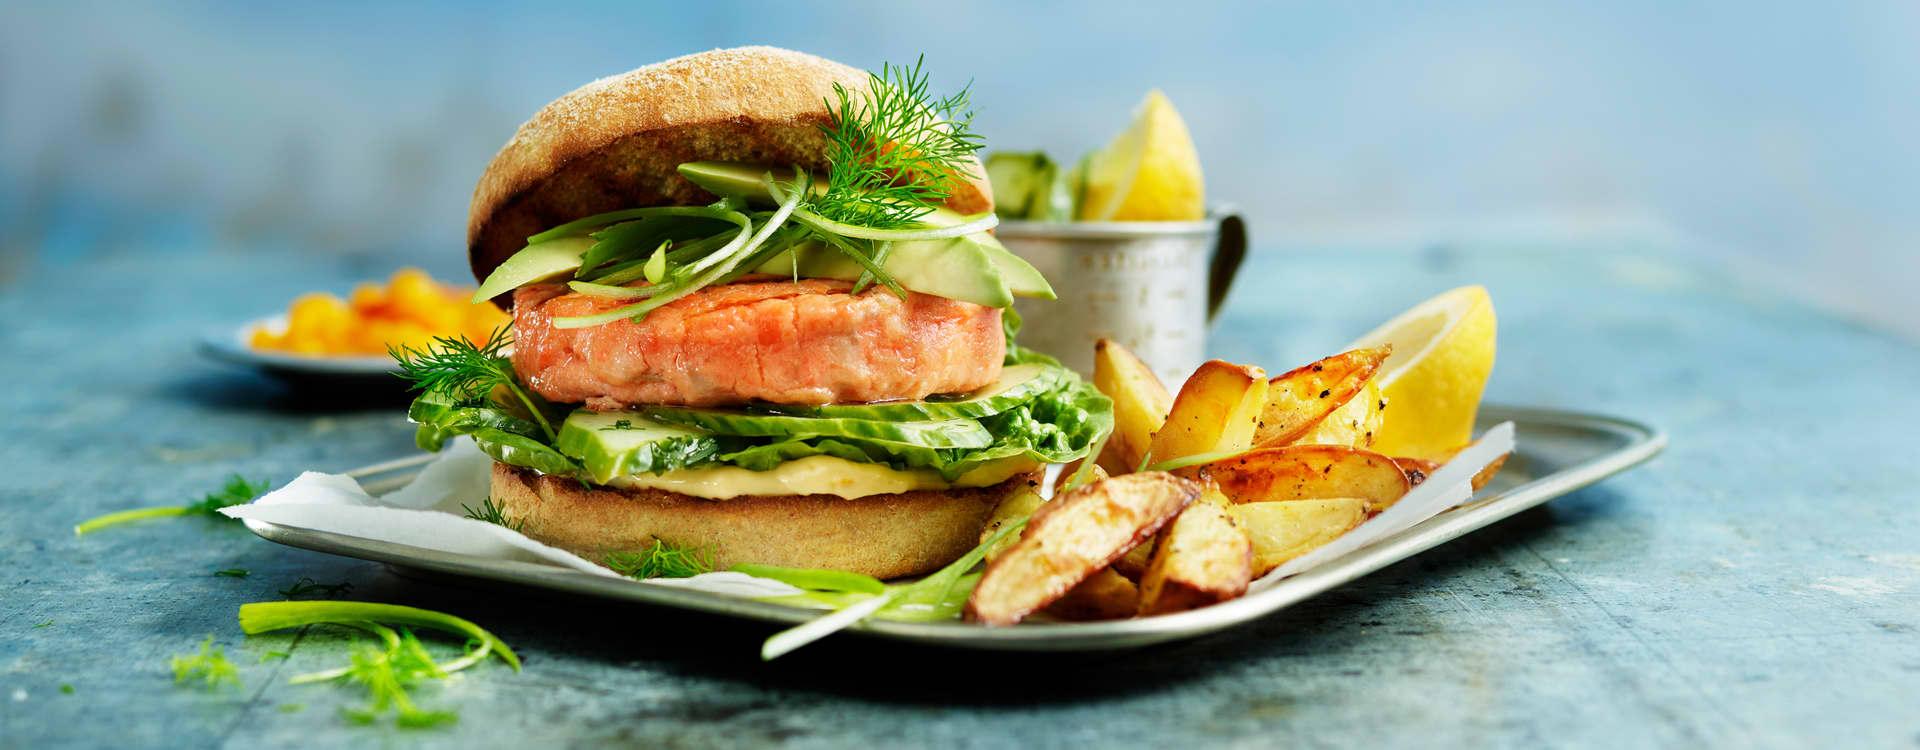 Ørret- og torskeburger med agurksalat og sitronmajones